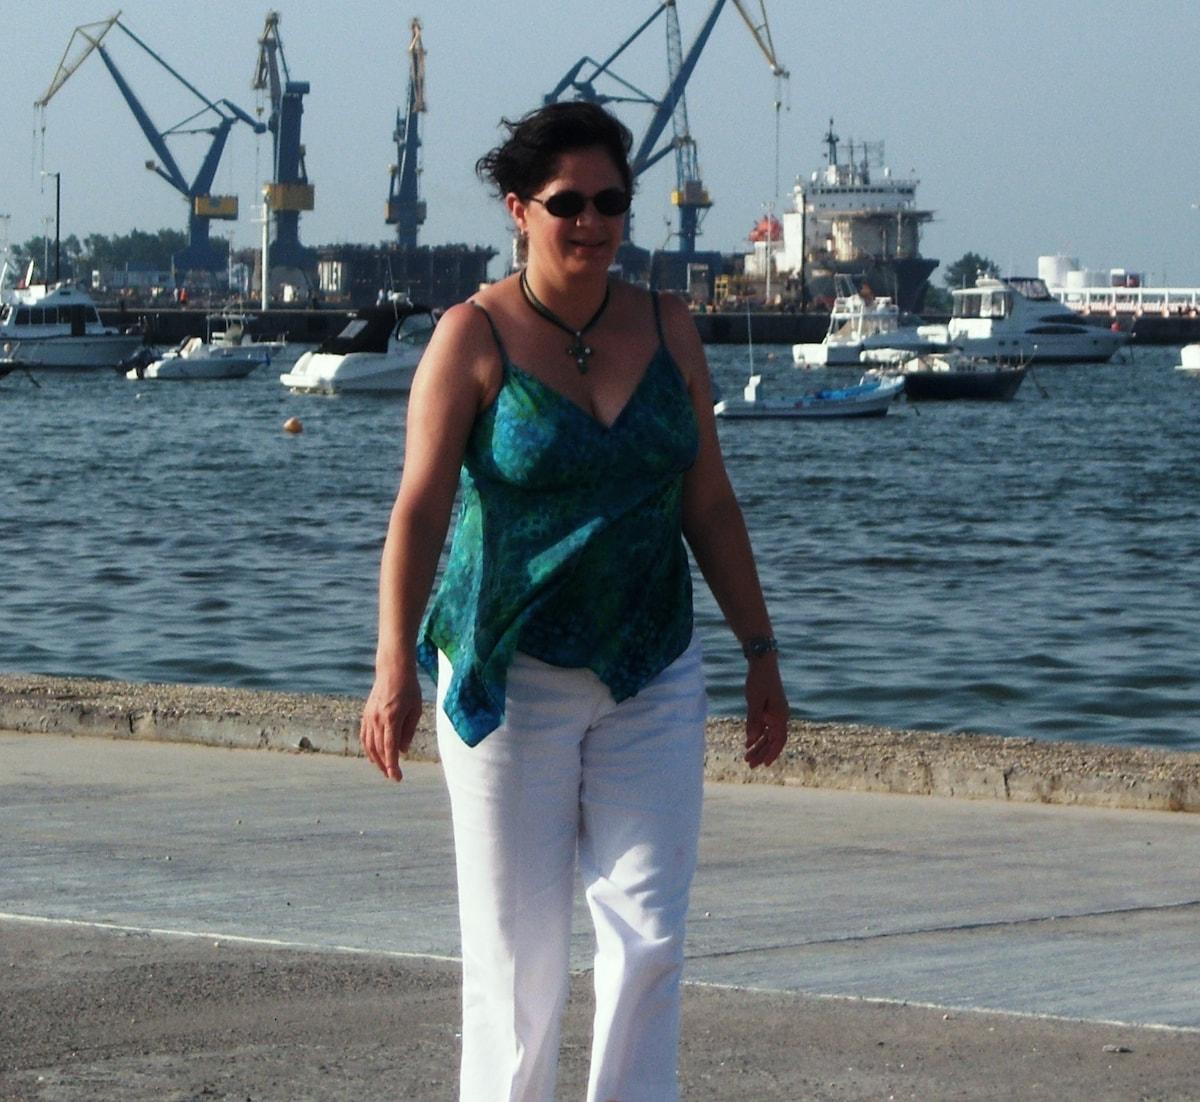 Cati from Tijuana